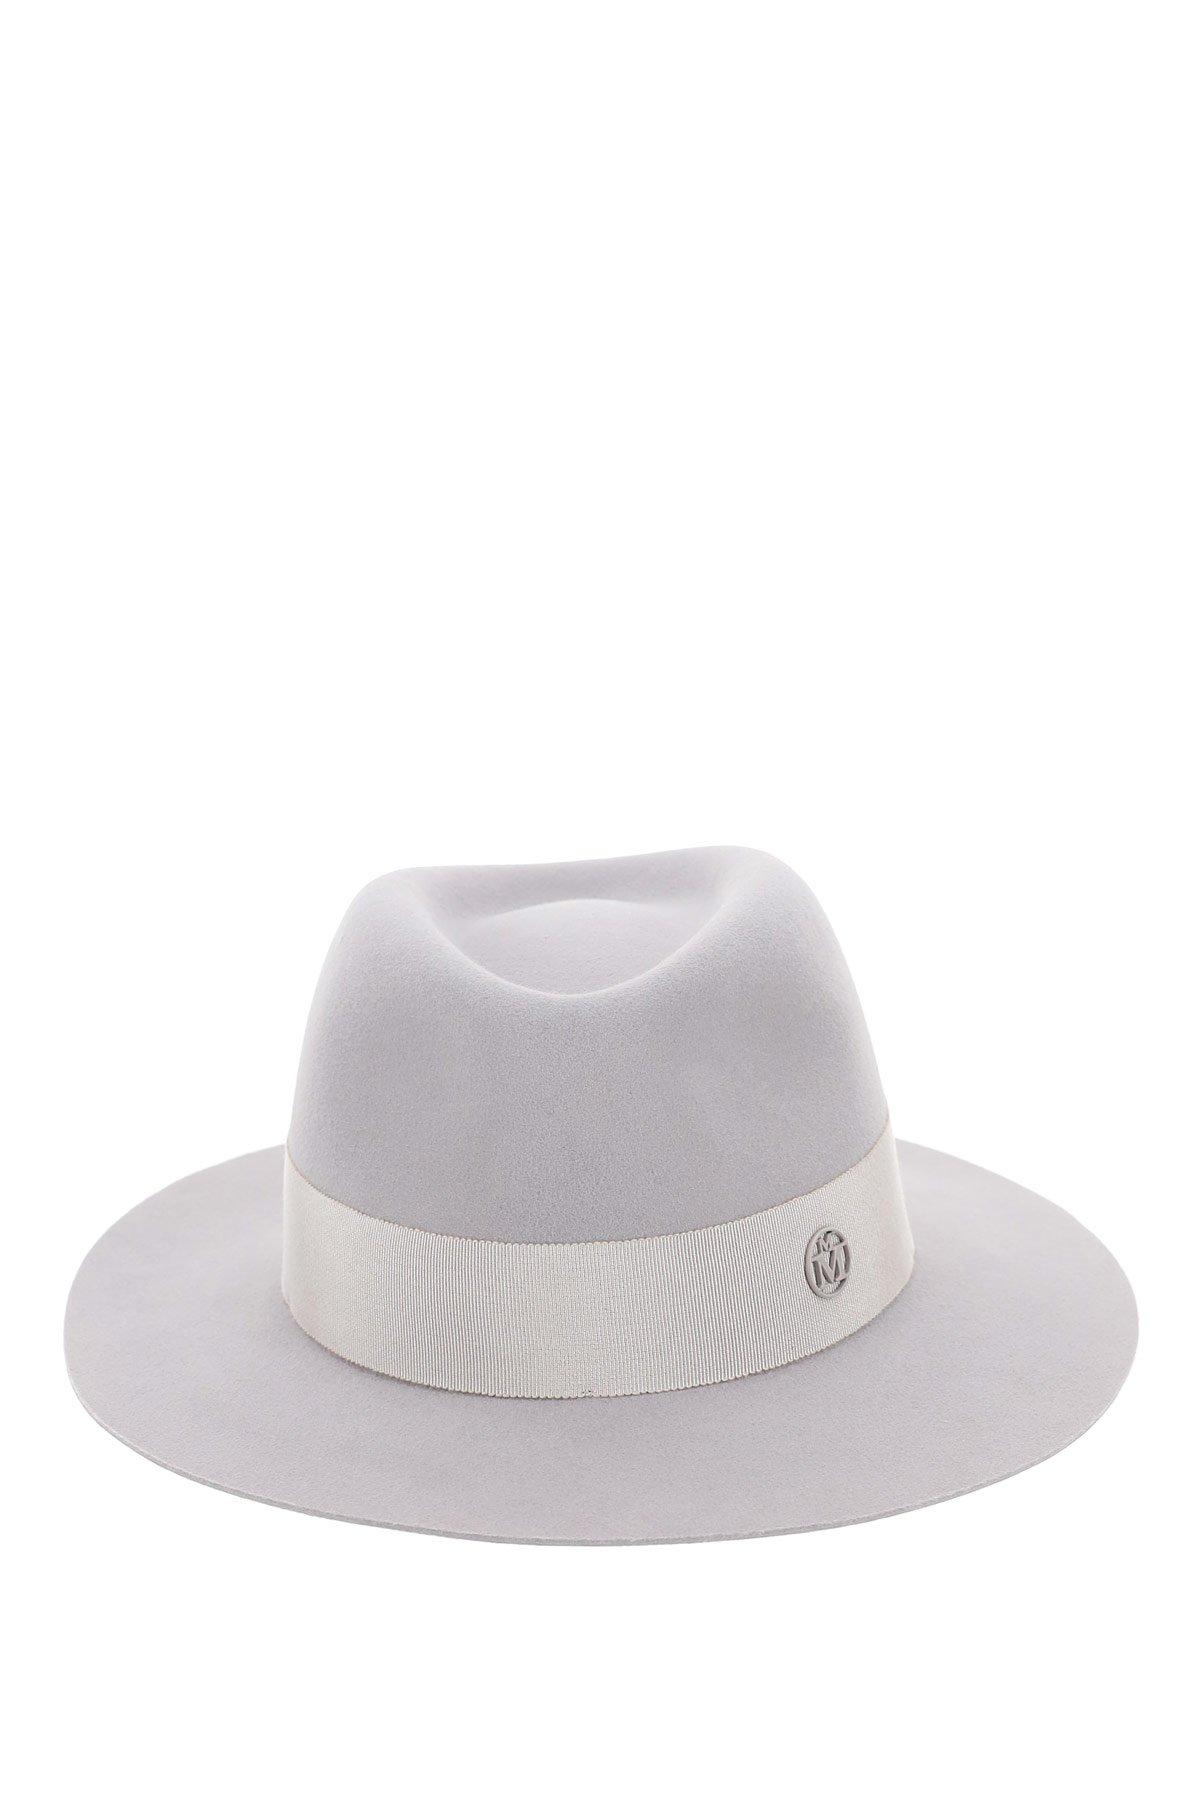 Maison michel cappello andre in feltro